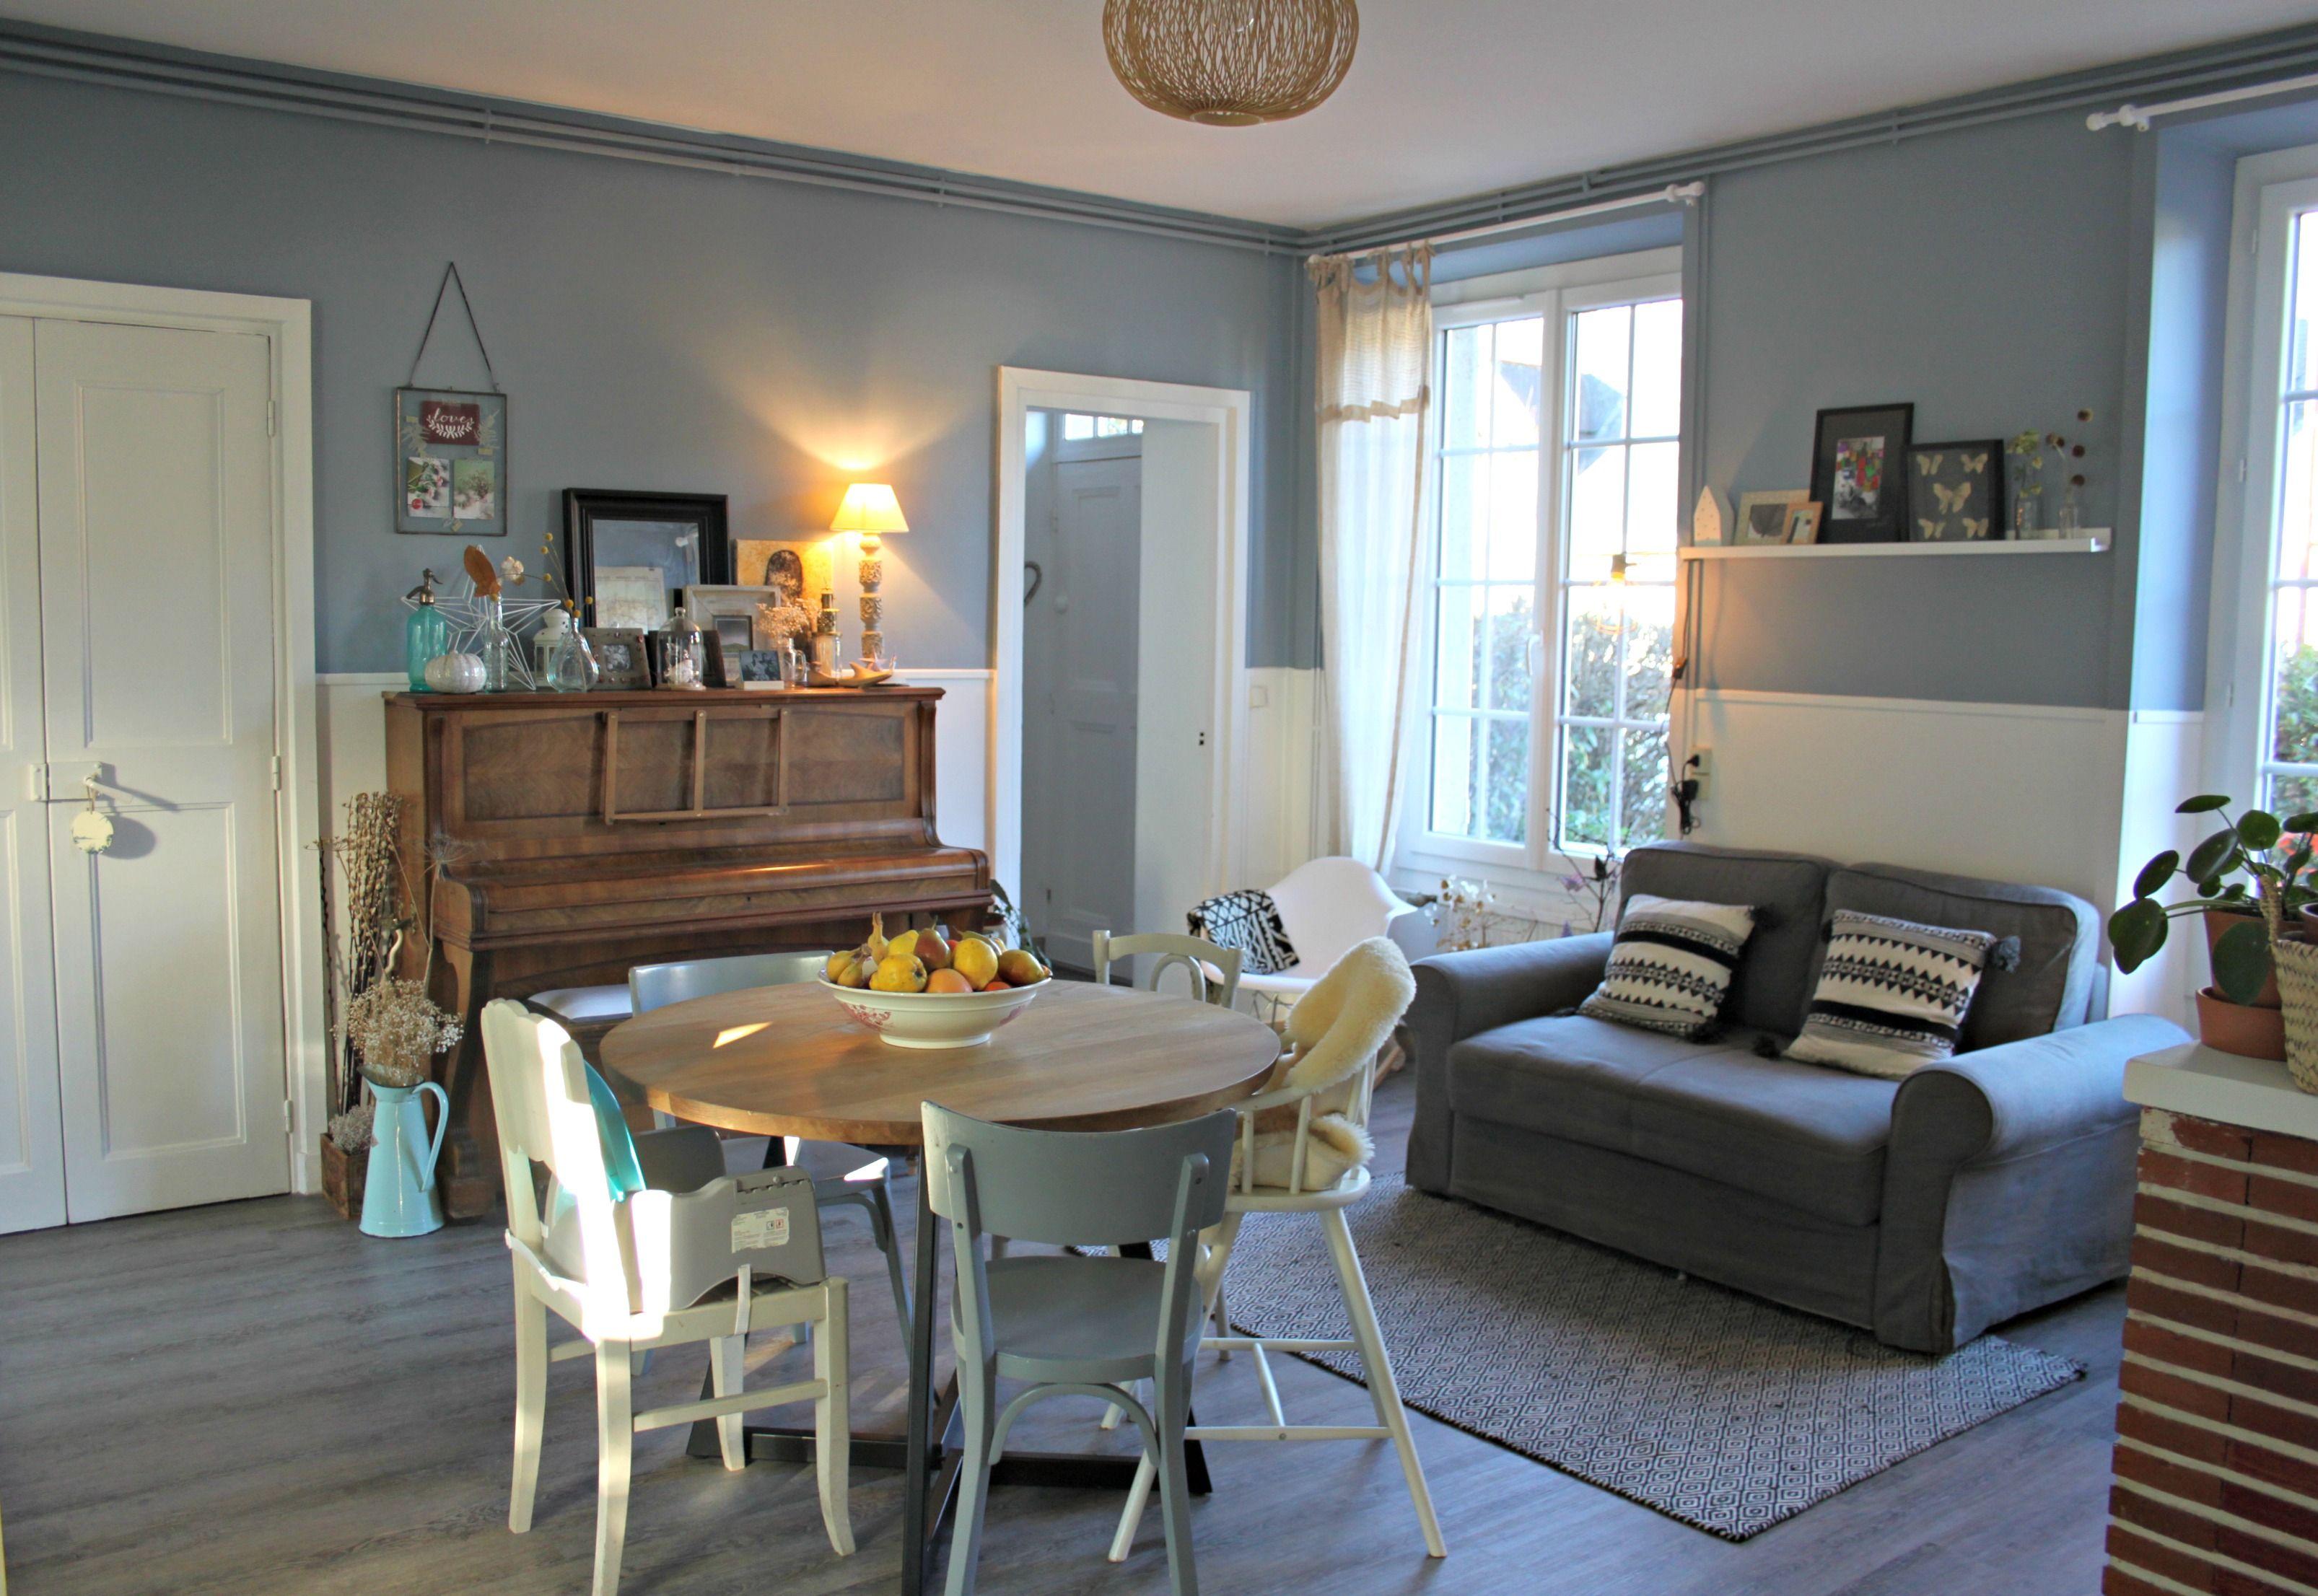 S jour salon vintage mur bleu gris chemin e tag re r cup for Deco sejour atelier